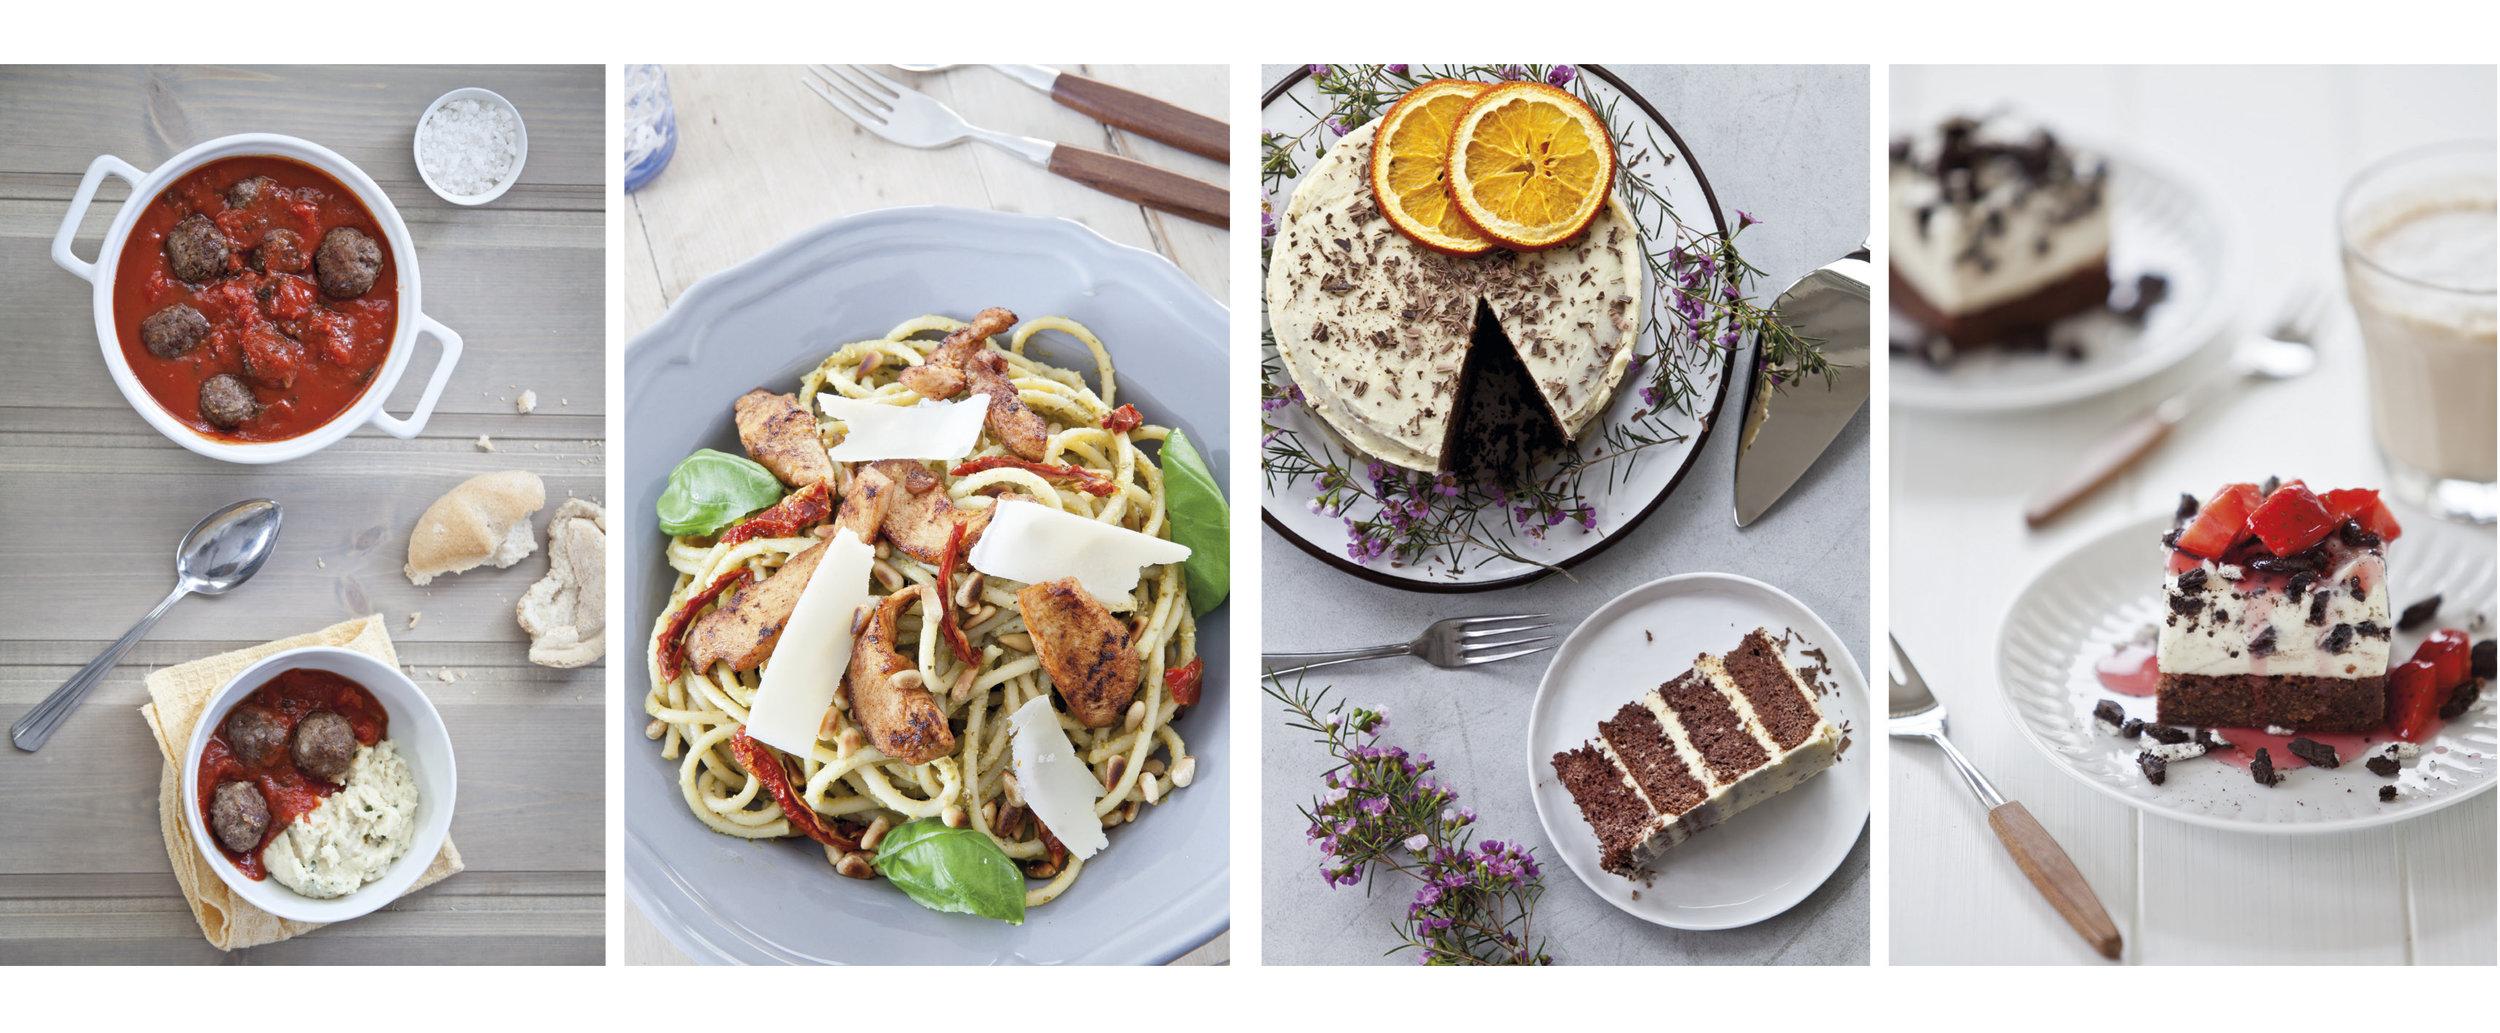 Bilder fra bøkene LavFODMAP - Magevennlig mat og Magevennlig bakst.